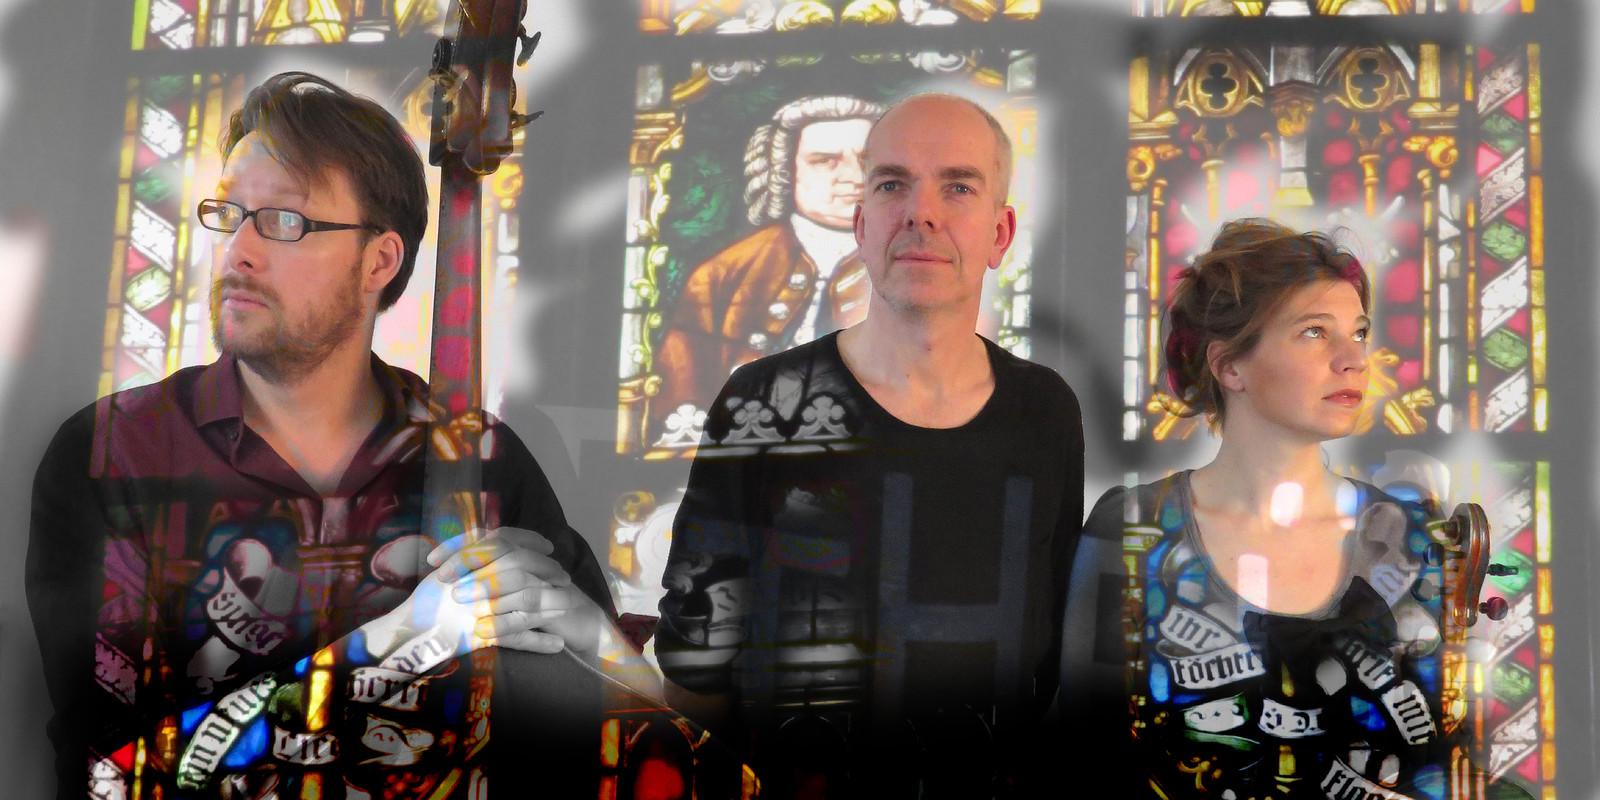 Mattheus volgens Henk van Barockpuppies, met  Marko Bonarius (contrabas) Henk Zwart (acteur/bas) en Saskia Meijs (altviool).